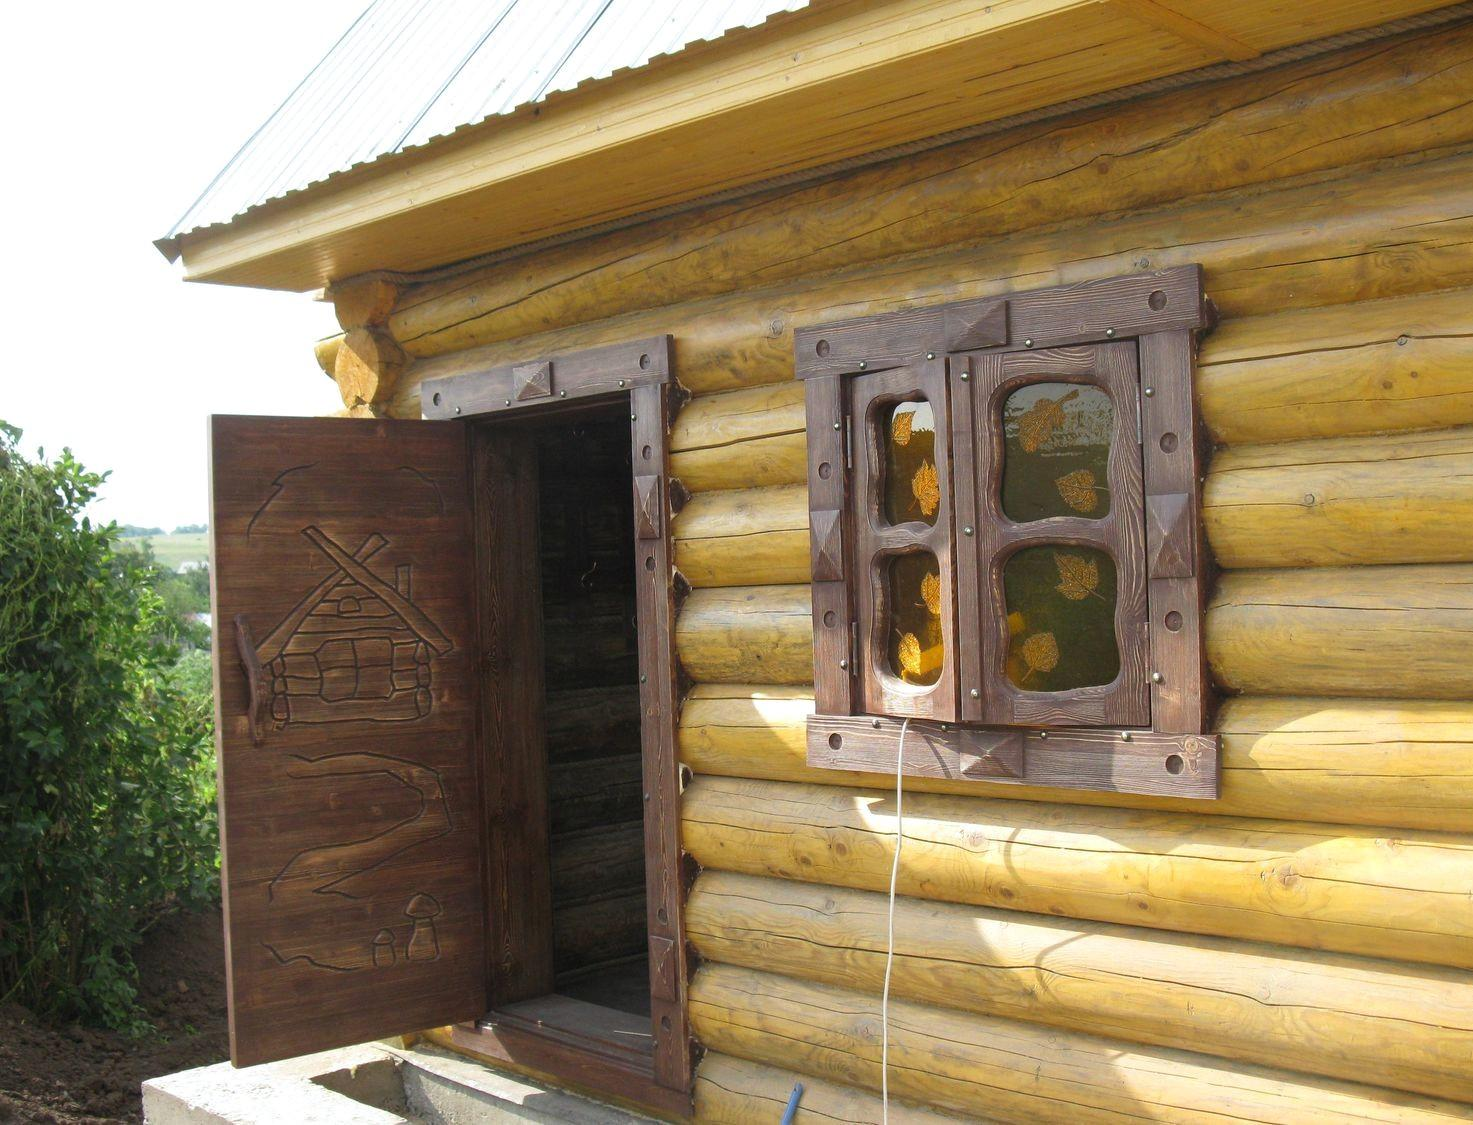 Окно в парной: где ставить и можно ли обойтись без него?